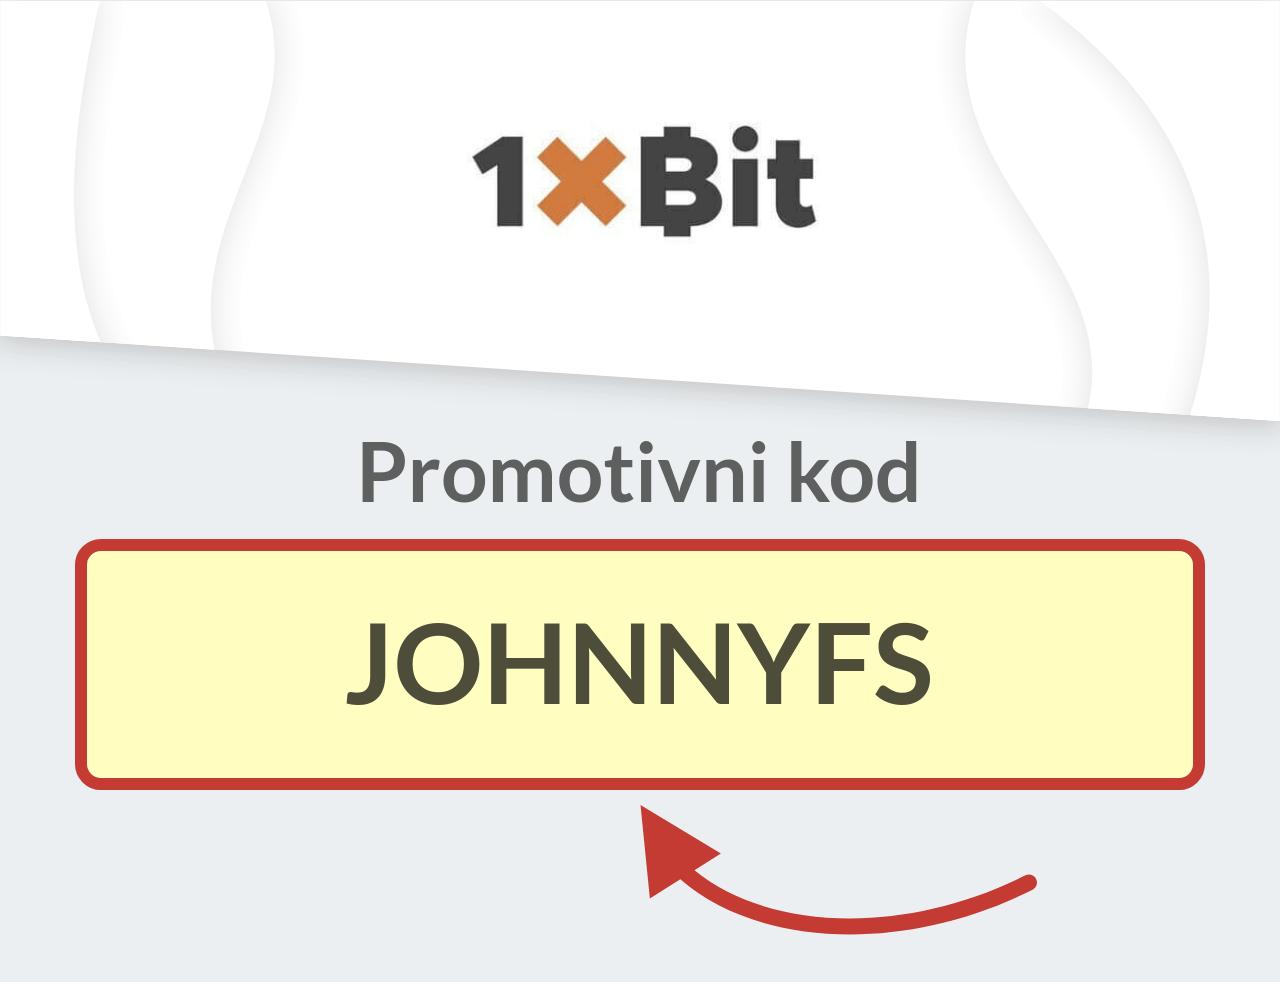 1xBit Promotivni Kod